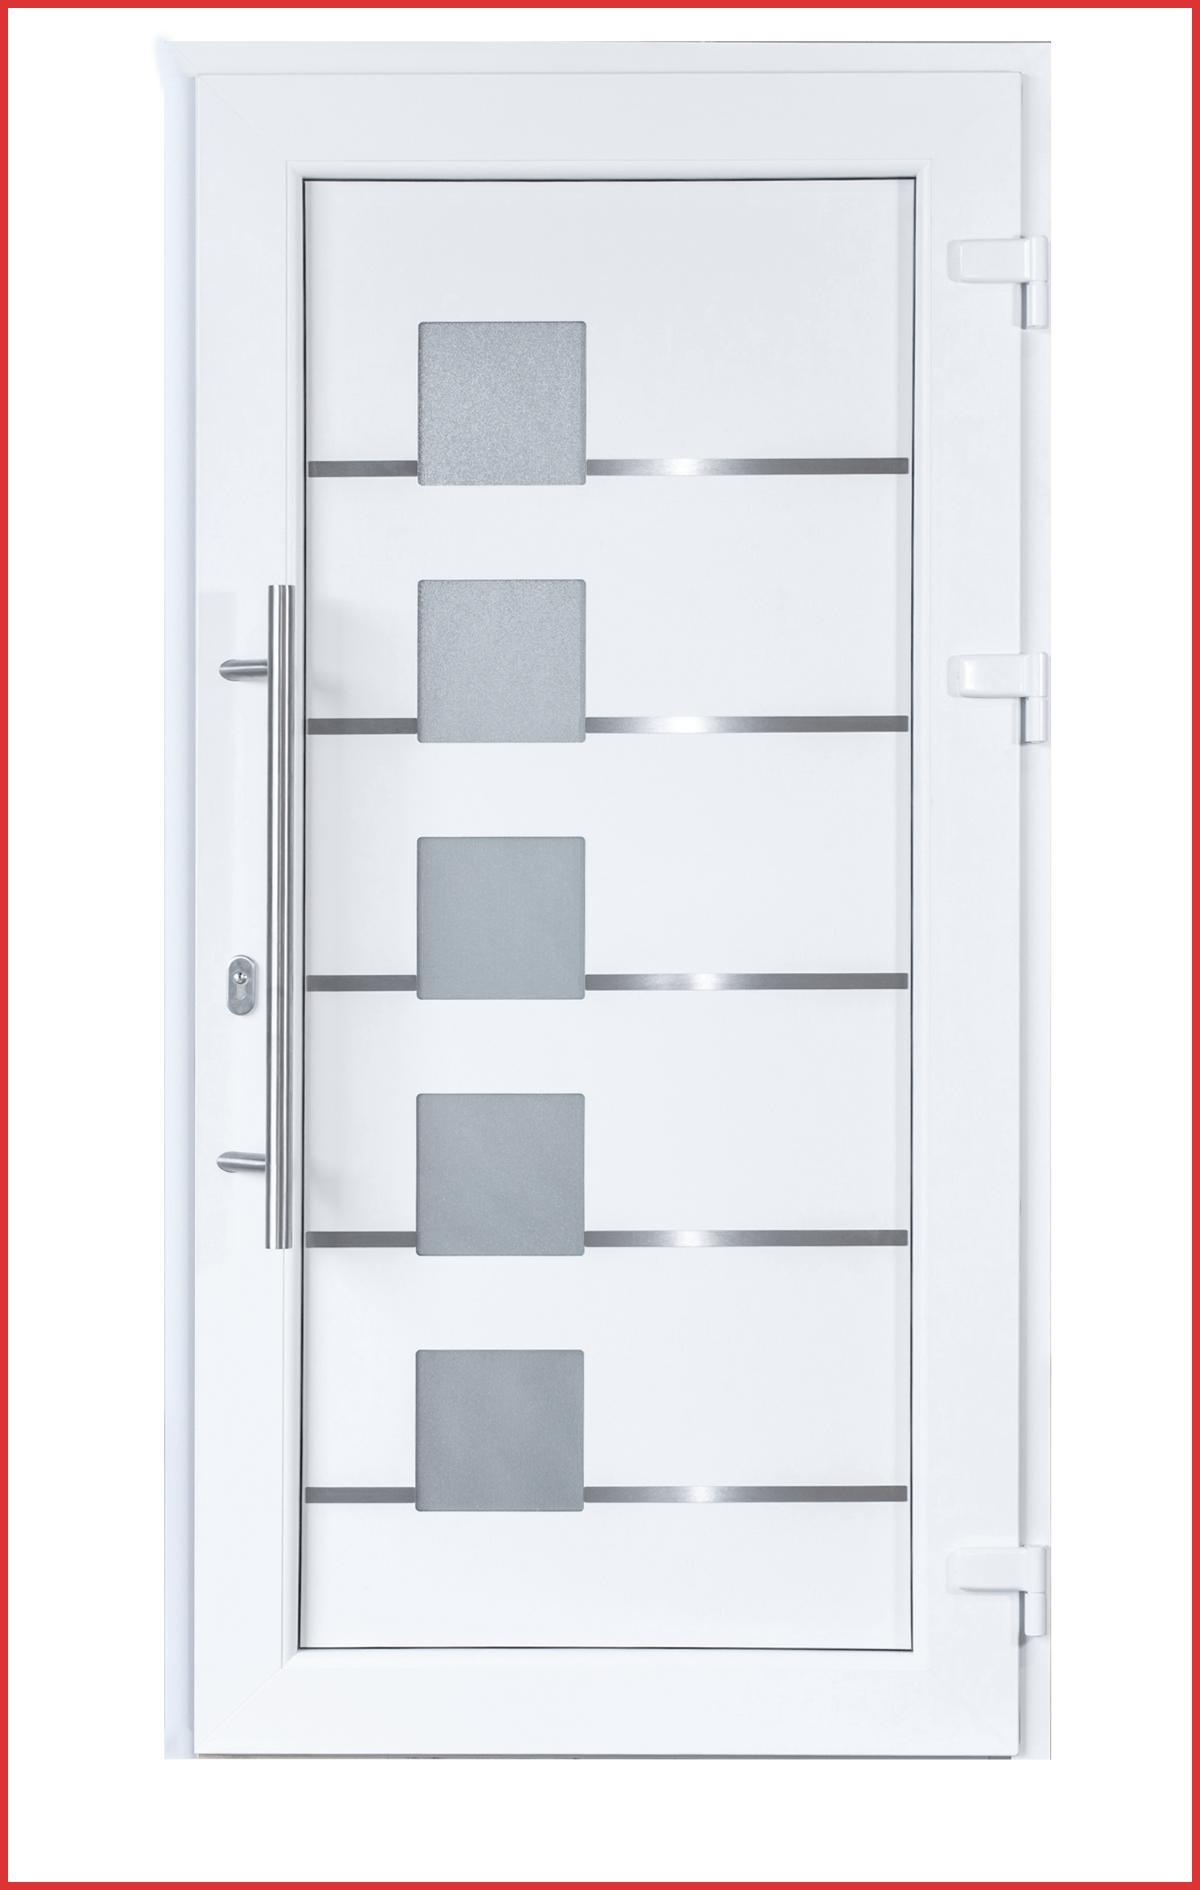 Full Size of Polen Fensterbauer Polnische Fensterhersteller Fenster Kaufen Online Mit Montage Suche Firma Polnischefenster 24 Einbau Fensterwelten Erfahrungen Fenster Polnische Fenster